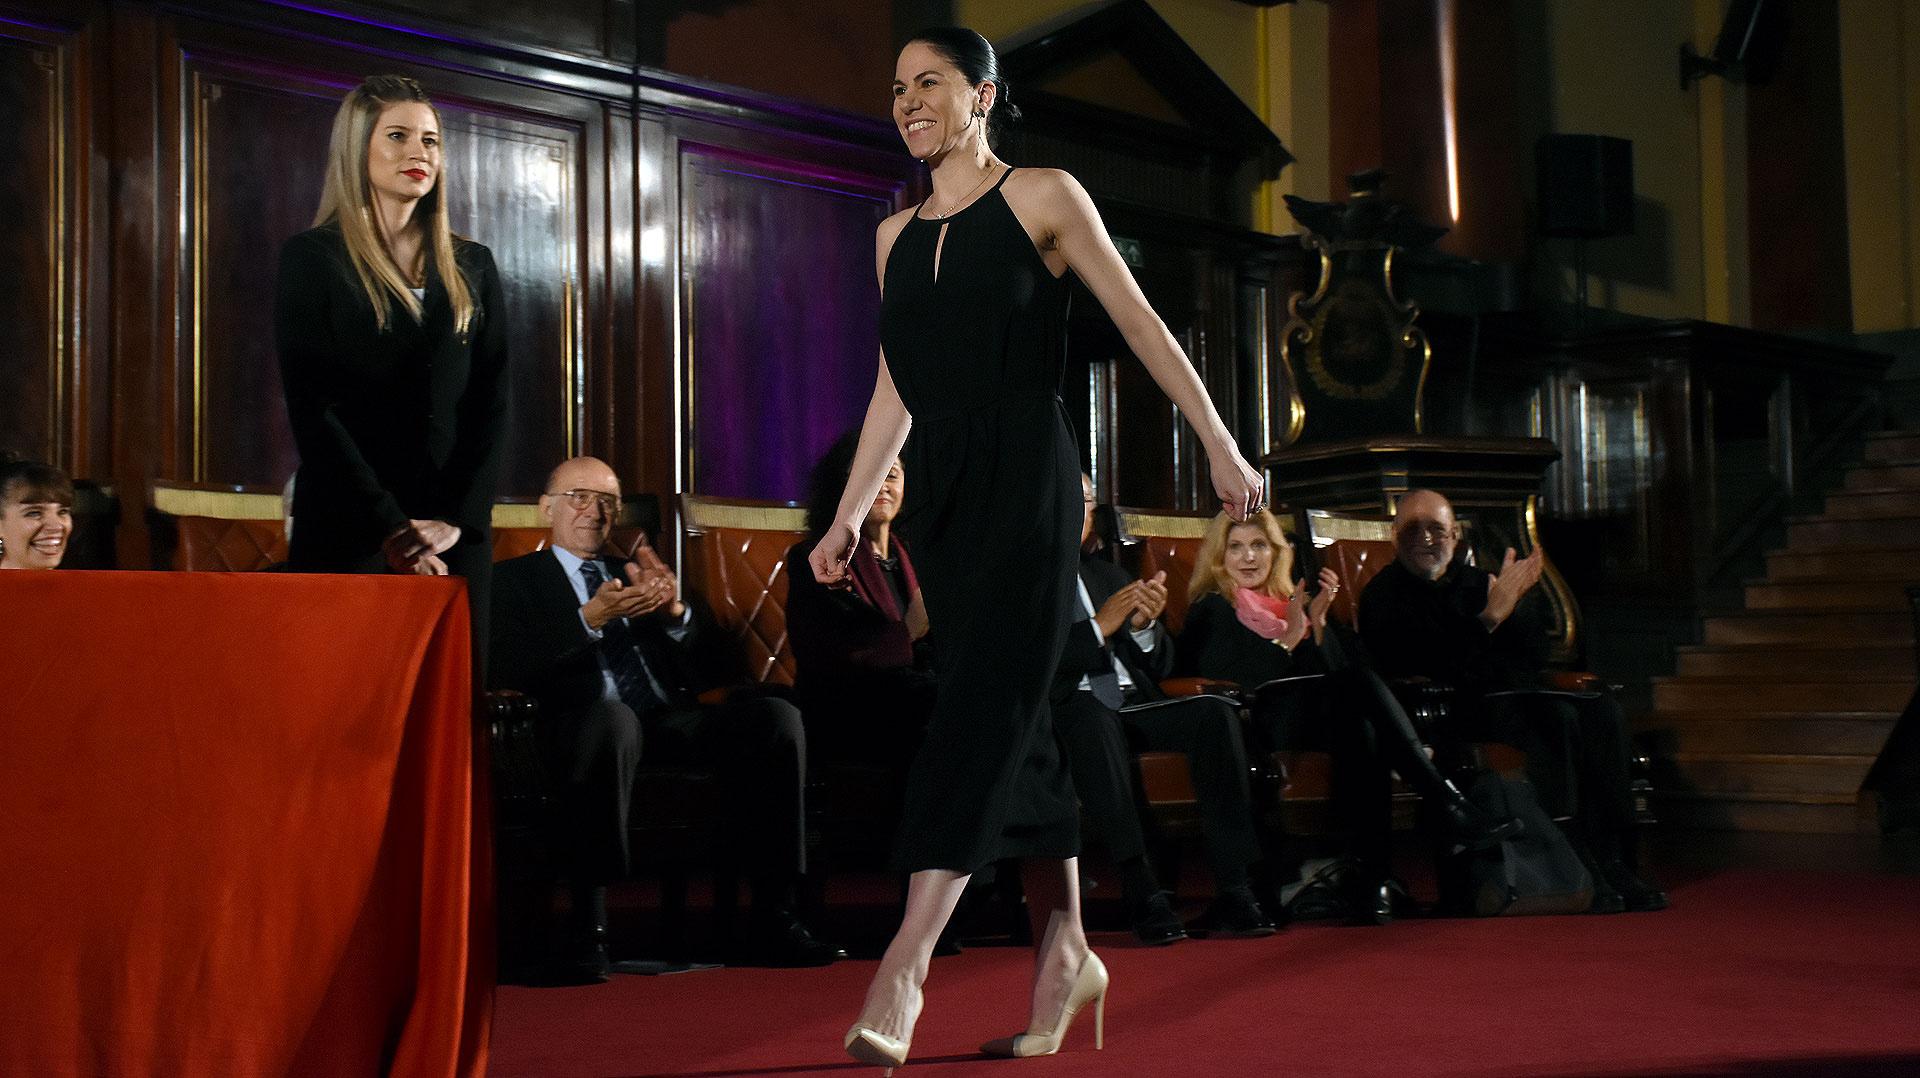 La bailarina Paloma Herrera, directora del balet estable del teatro Colón, recibió en la terna Compañía de Danza